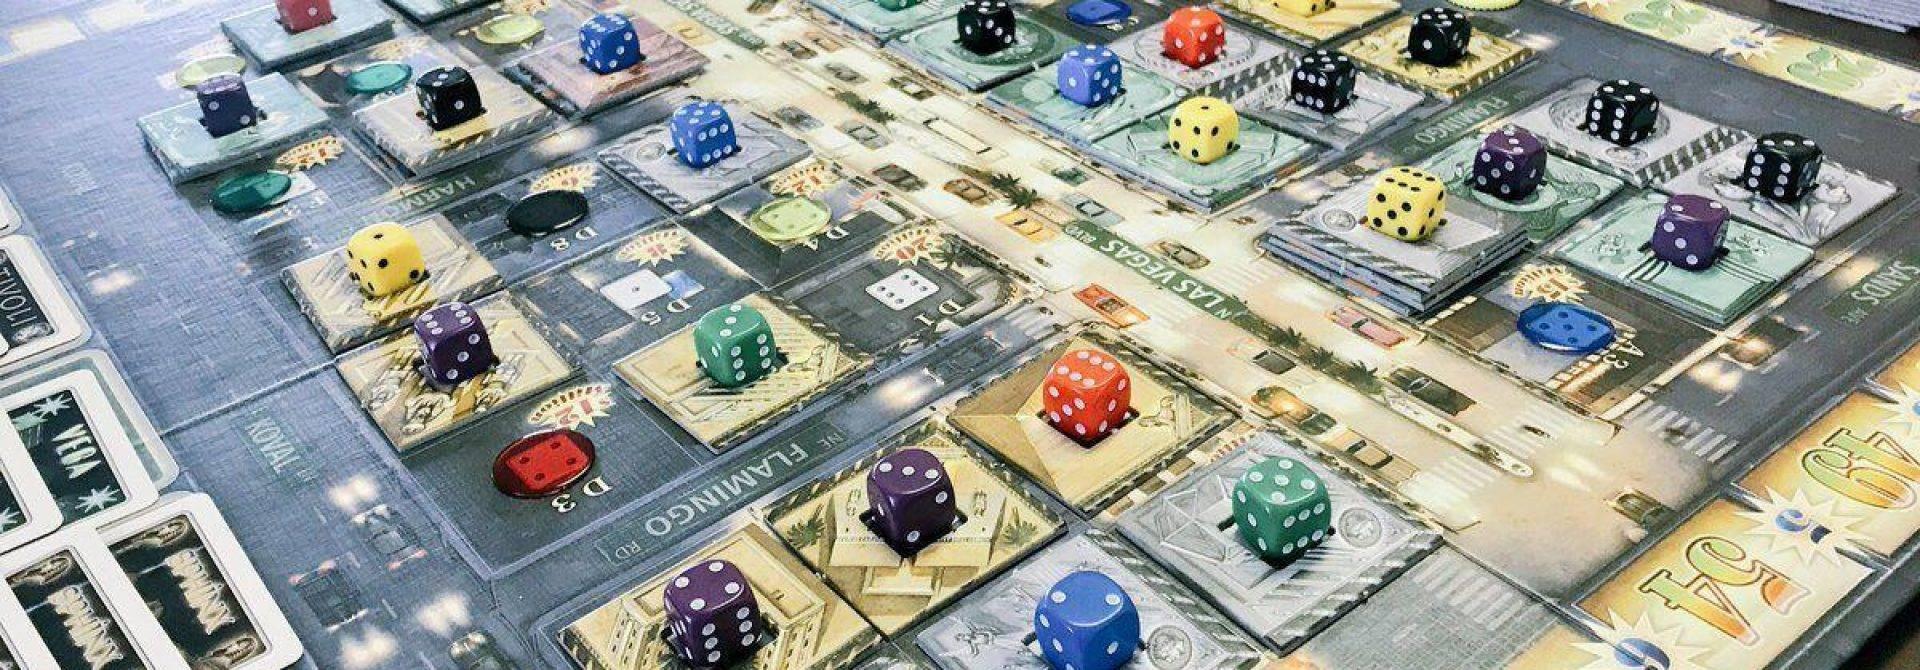 Mayfair Games Shuts Down, Sells Properties To Asmodee